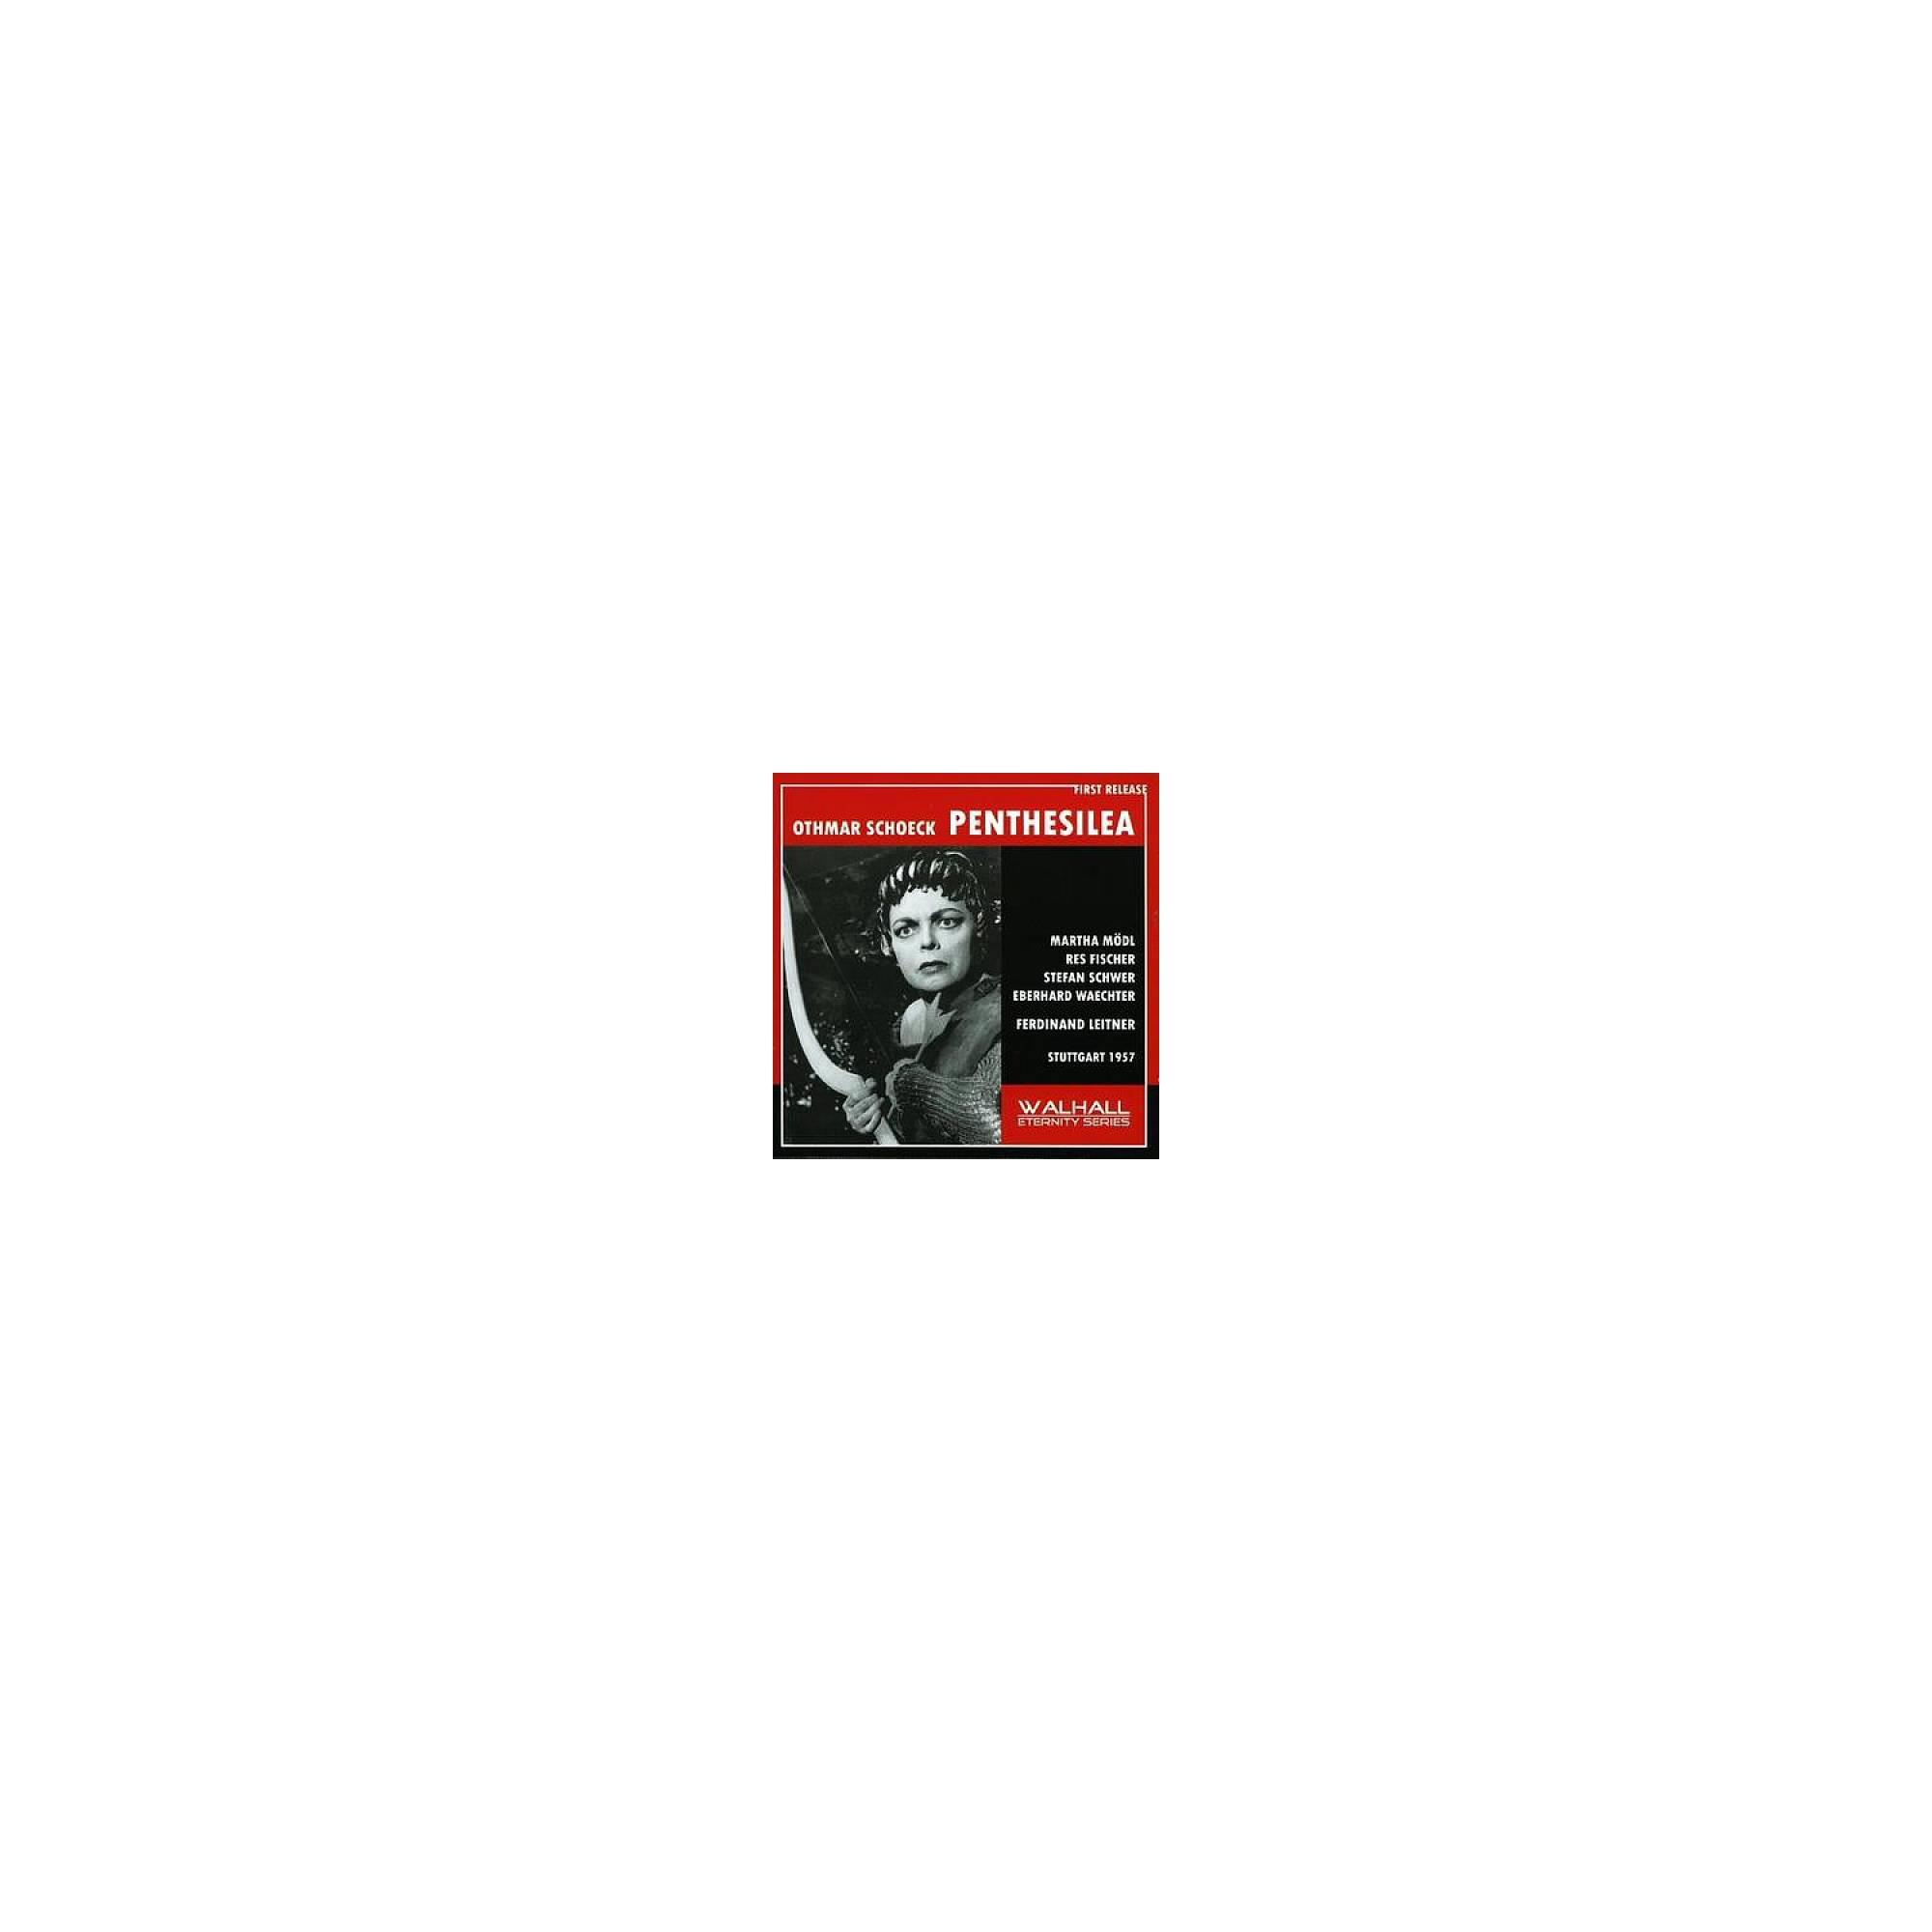 Martha modl - Schoeck:Penthesilea (CD)